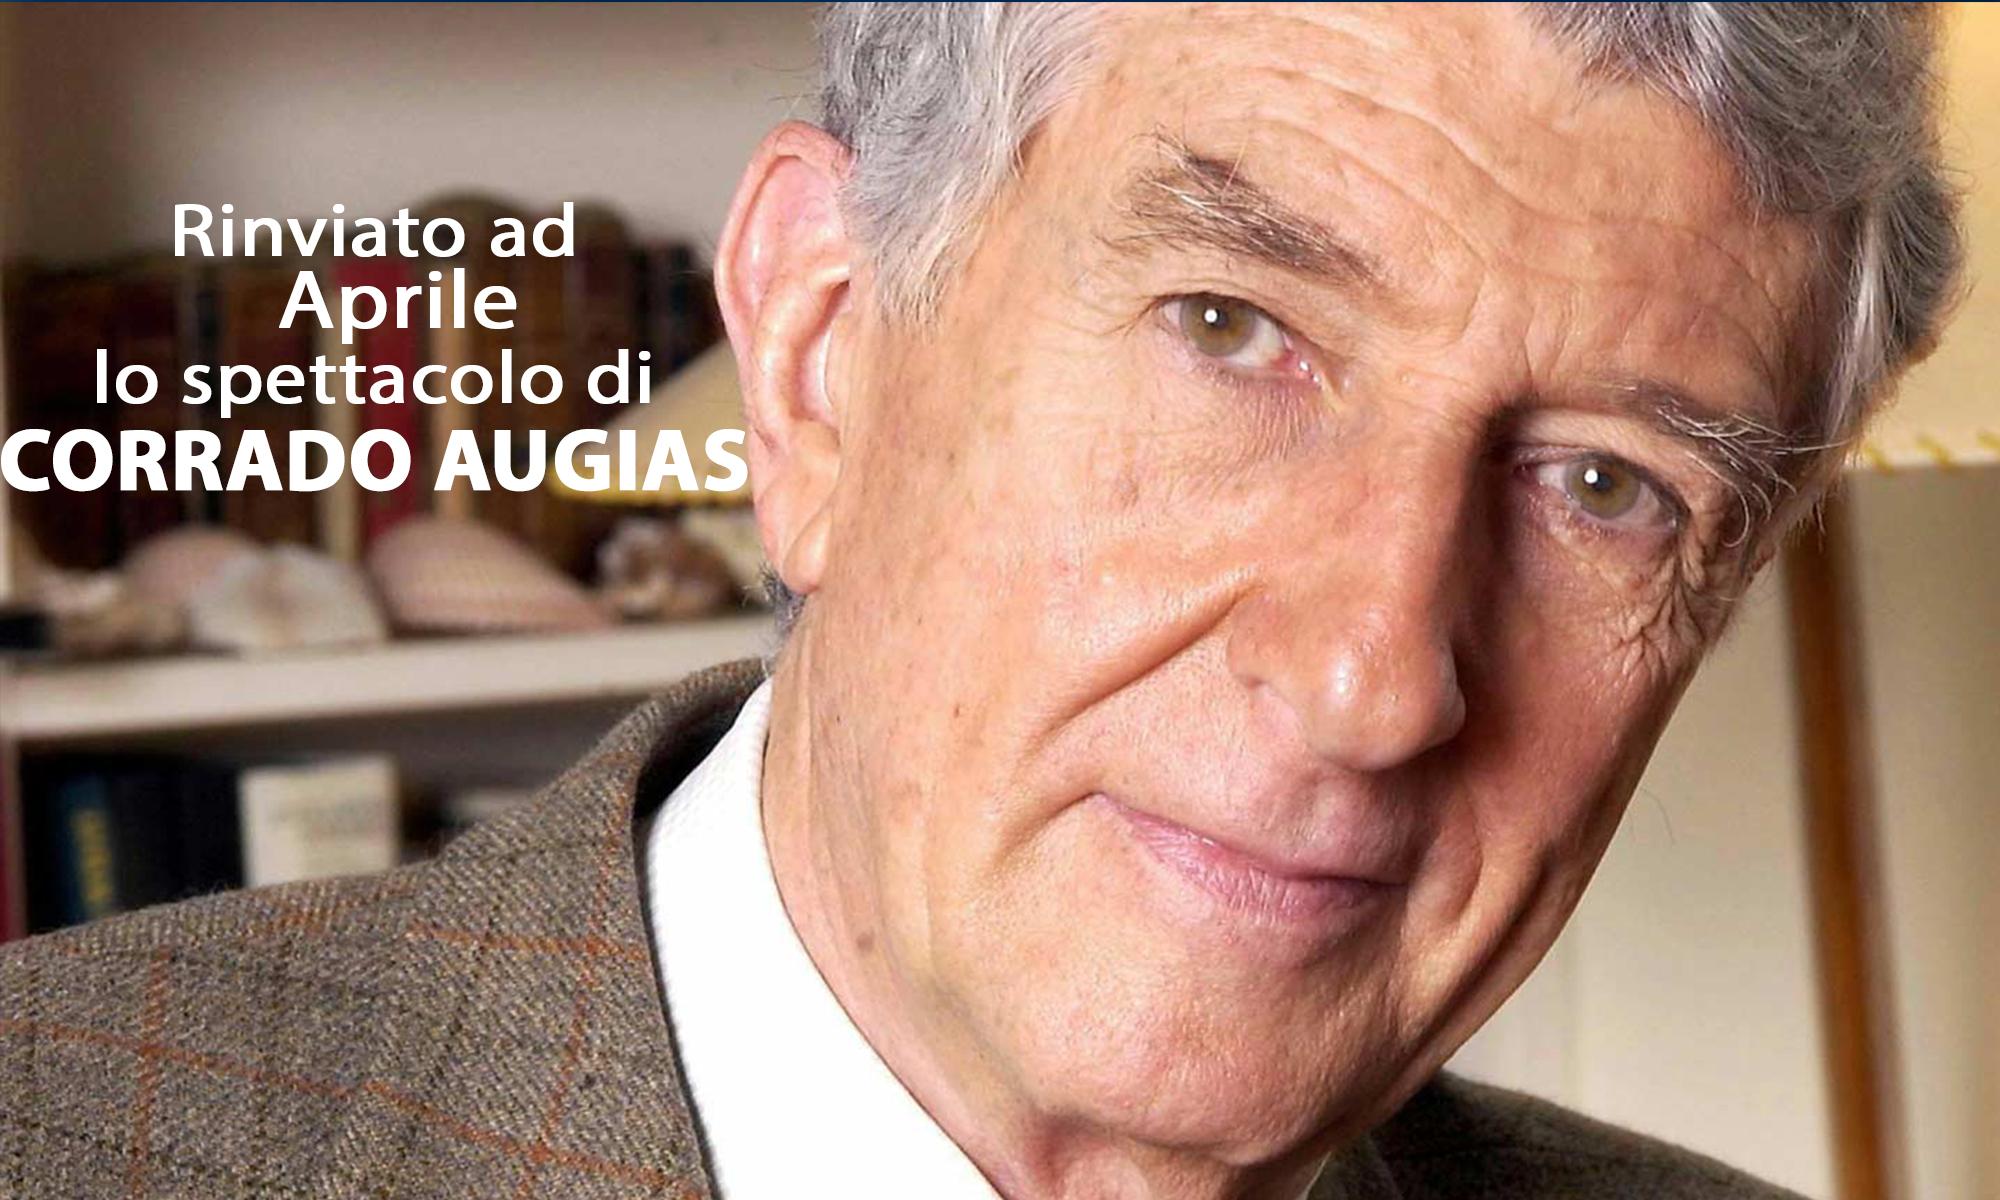 RINVIATO AD APRILE LO SPETTACOLO DI CORRADO AUGIAS